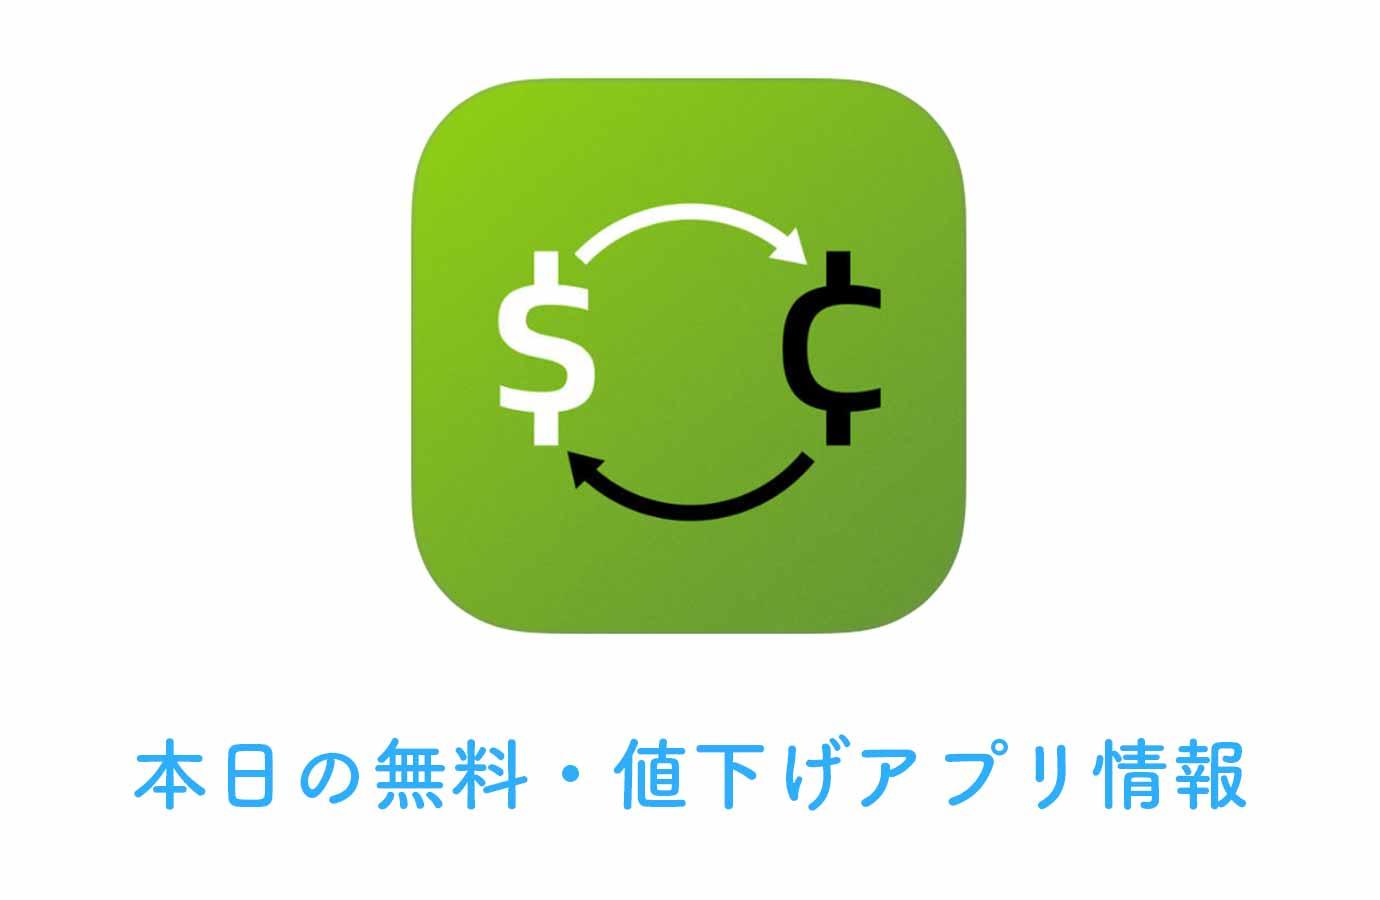 120円→無料、175以上の世界通貨が利用できる通貨コンバーター「Smart Coin」など【5/11】本日の無料・値下げアプリ情報